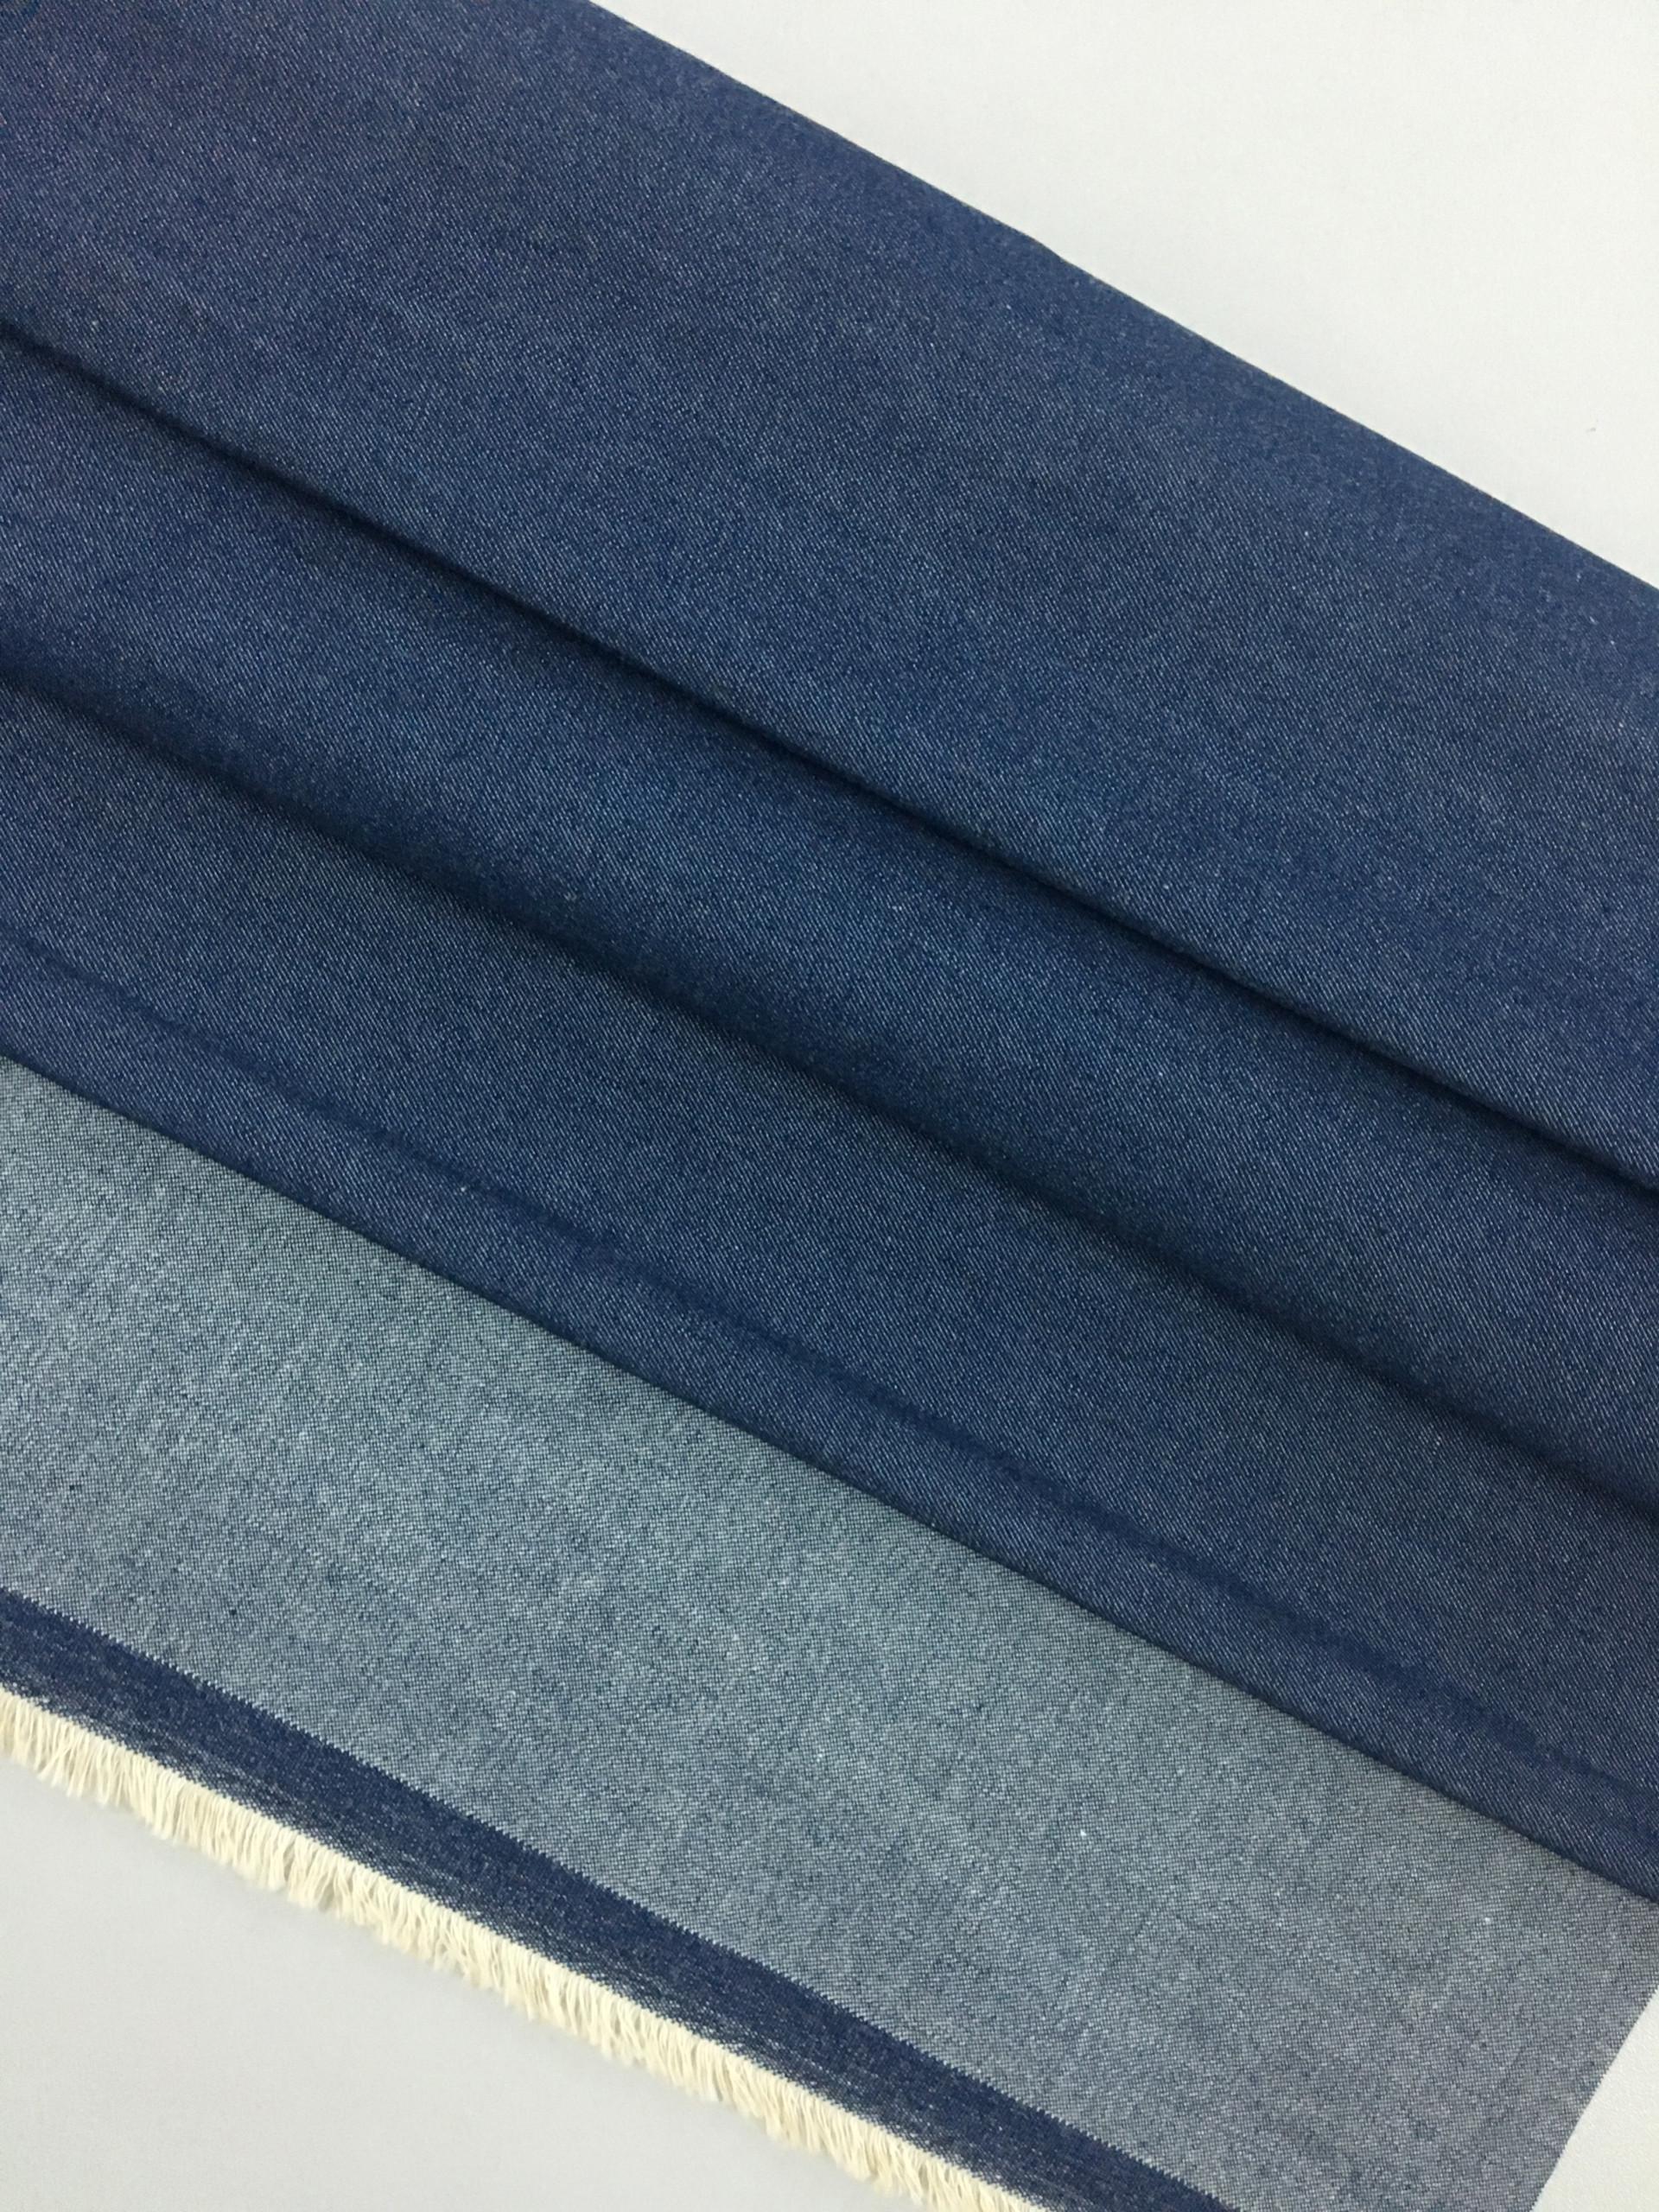 Vải jean xì phe cotton 100%